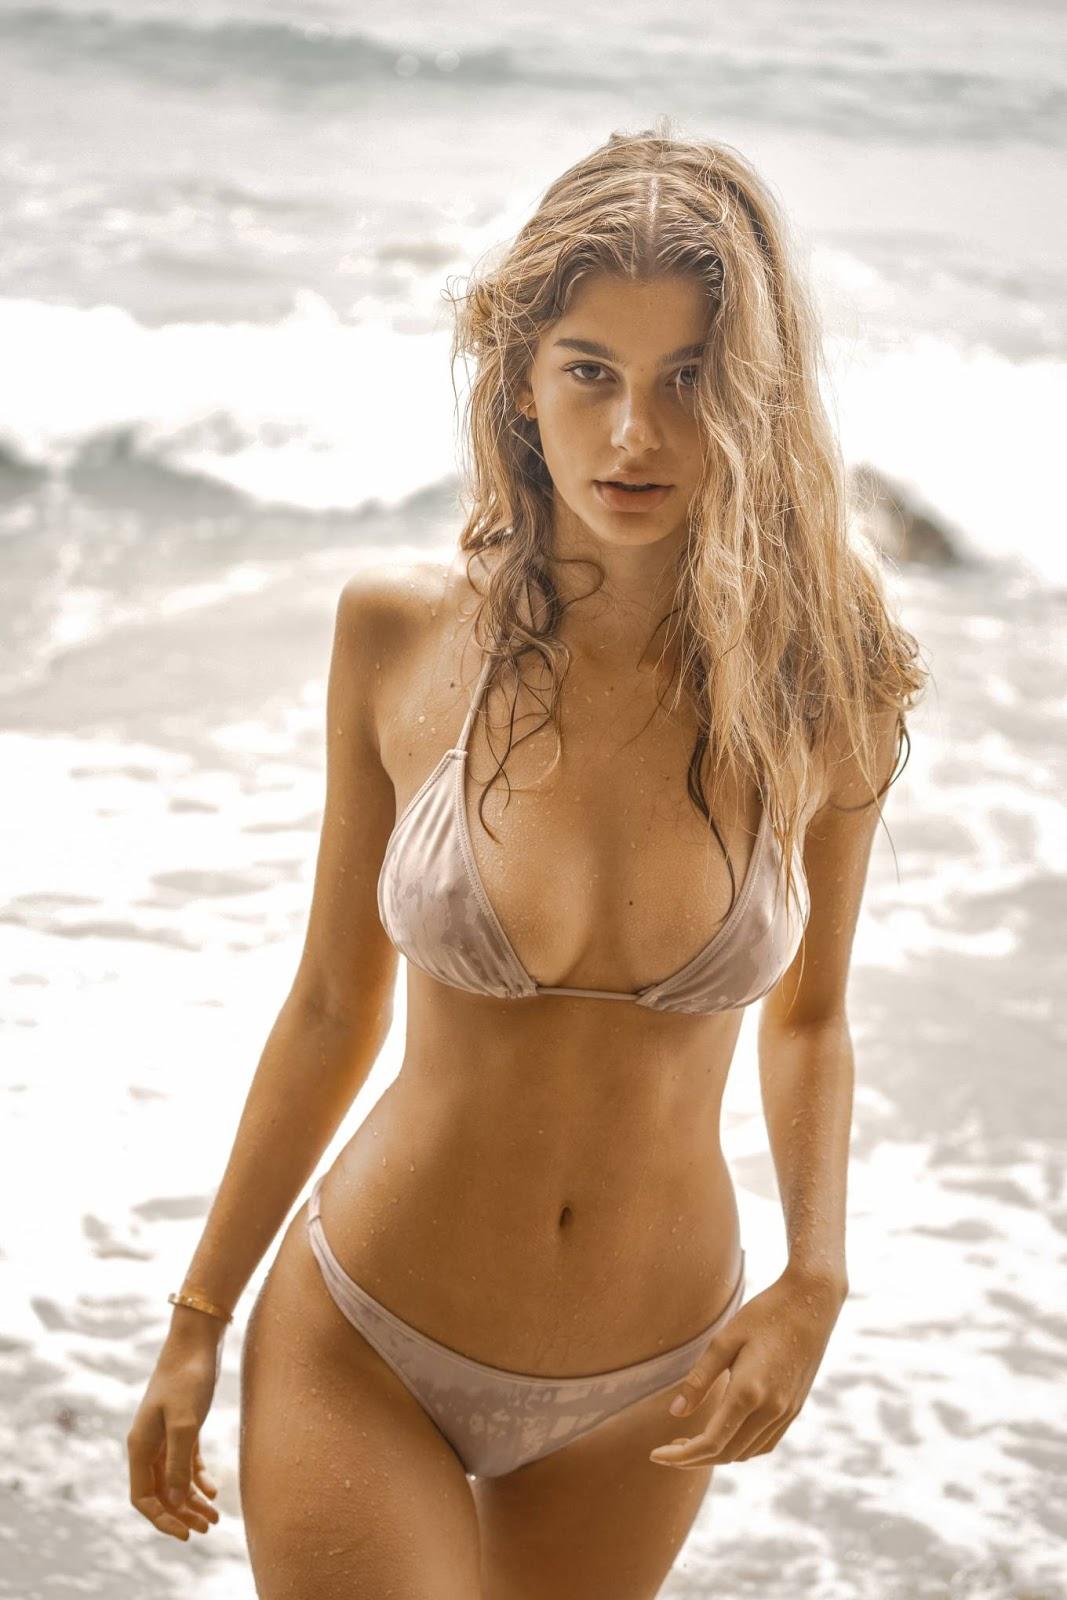 camila morrone sexy bikini photos